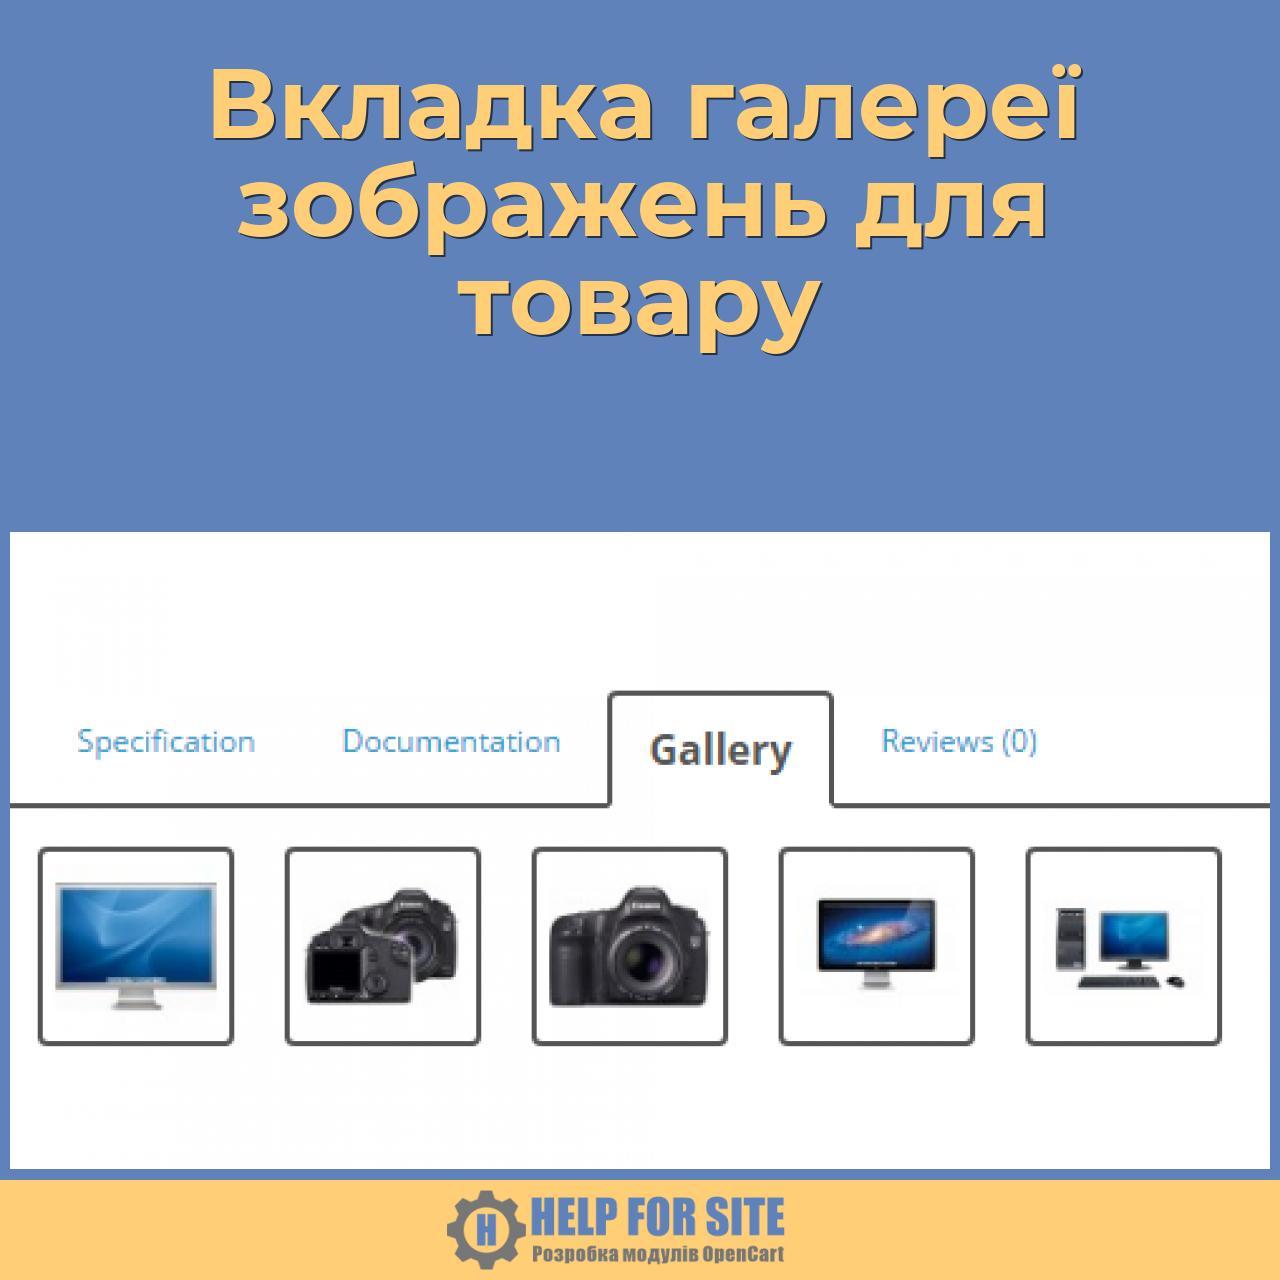 Вкладка галереї зображень для товару